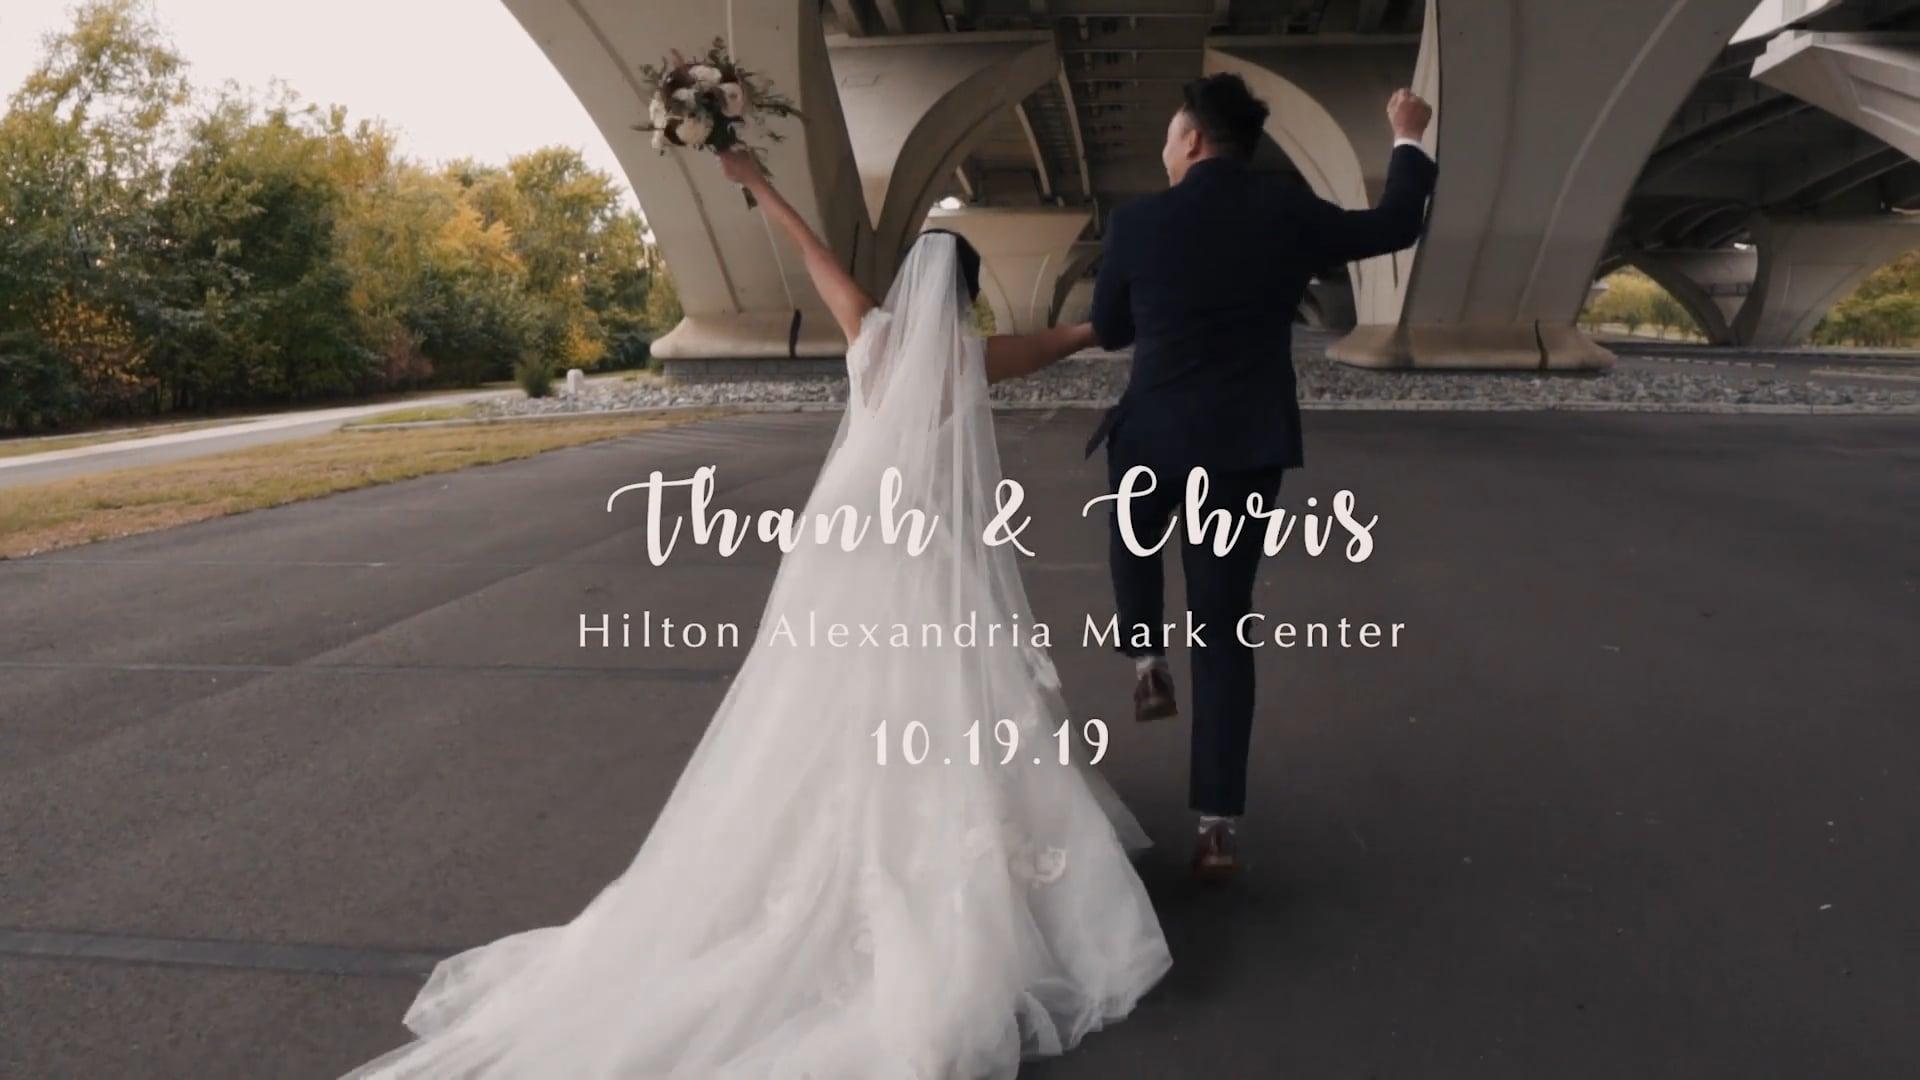 Thanh & Chris   Wedding Teaser